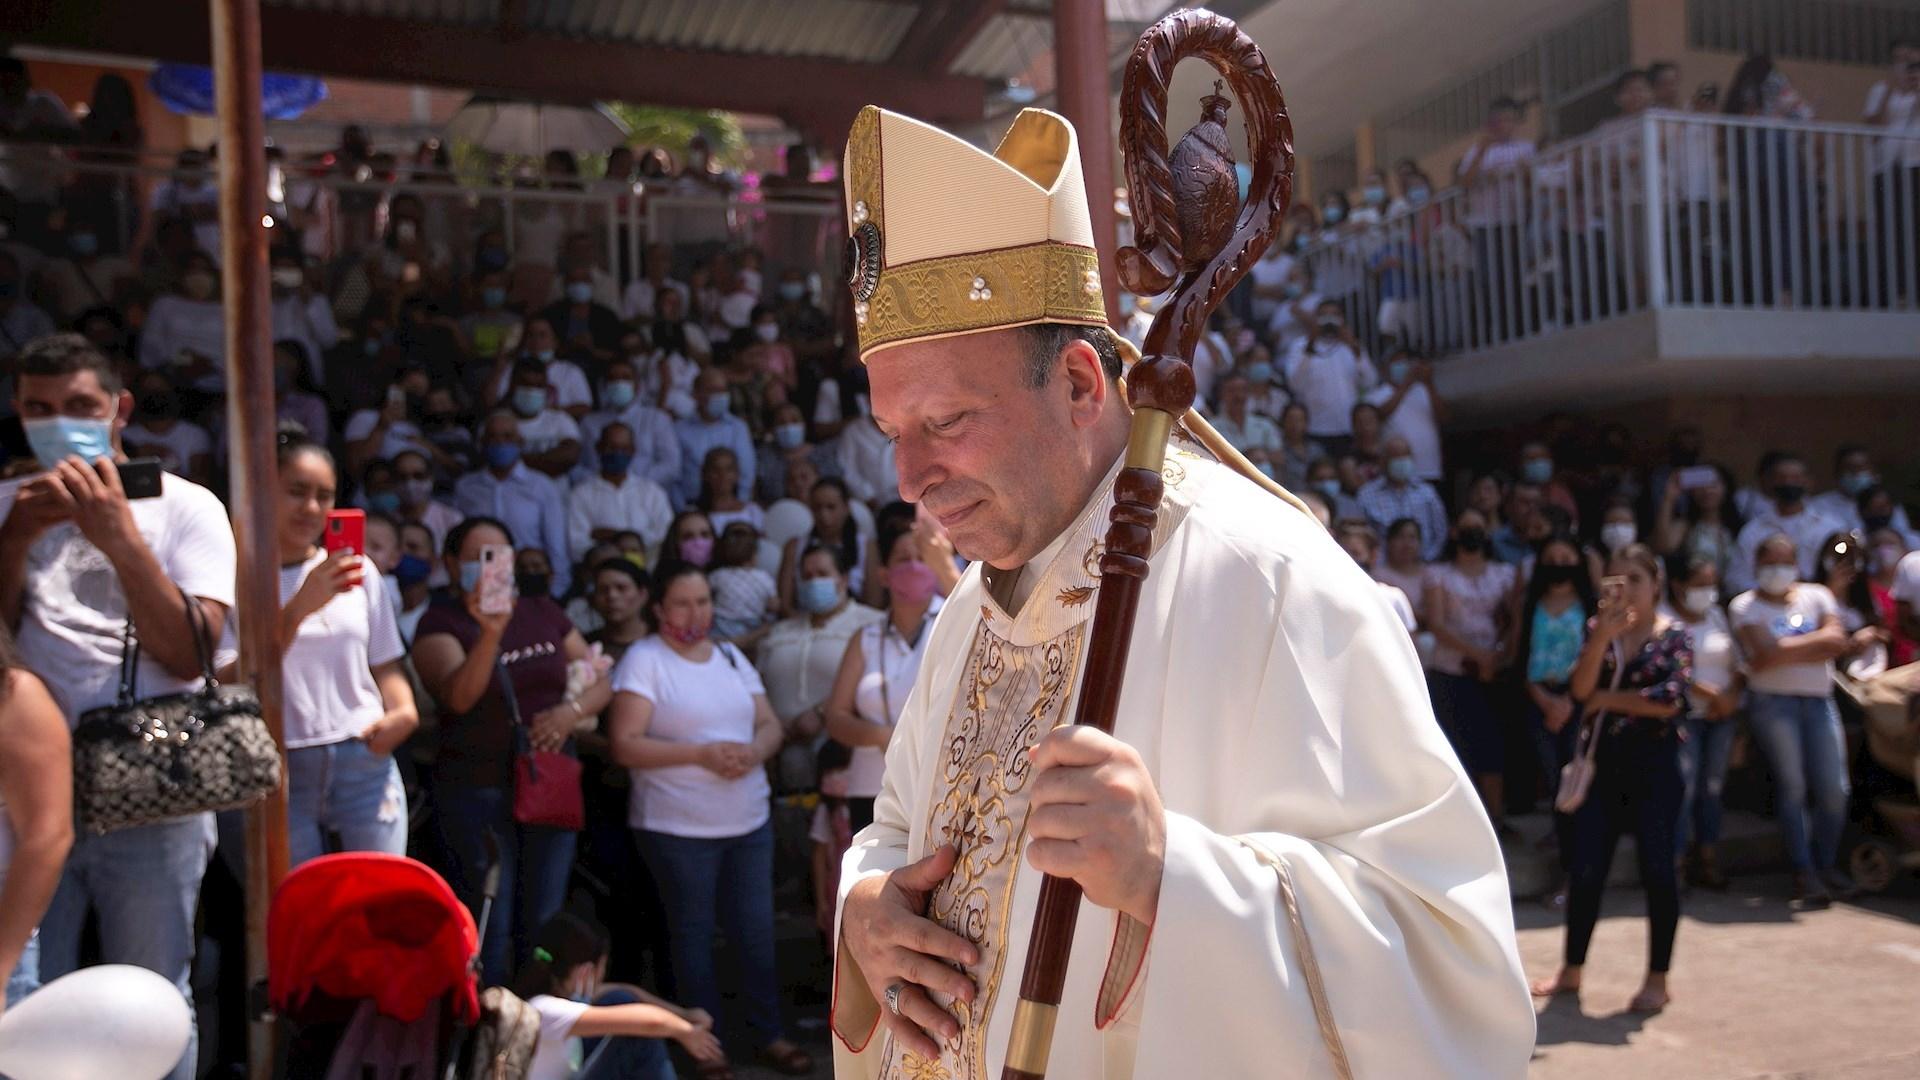 Vista de la visita del nuncio apostólico, Franco Coppola. Foto de EFE